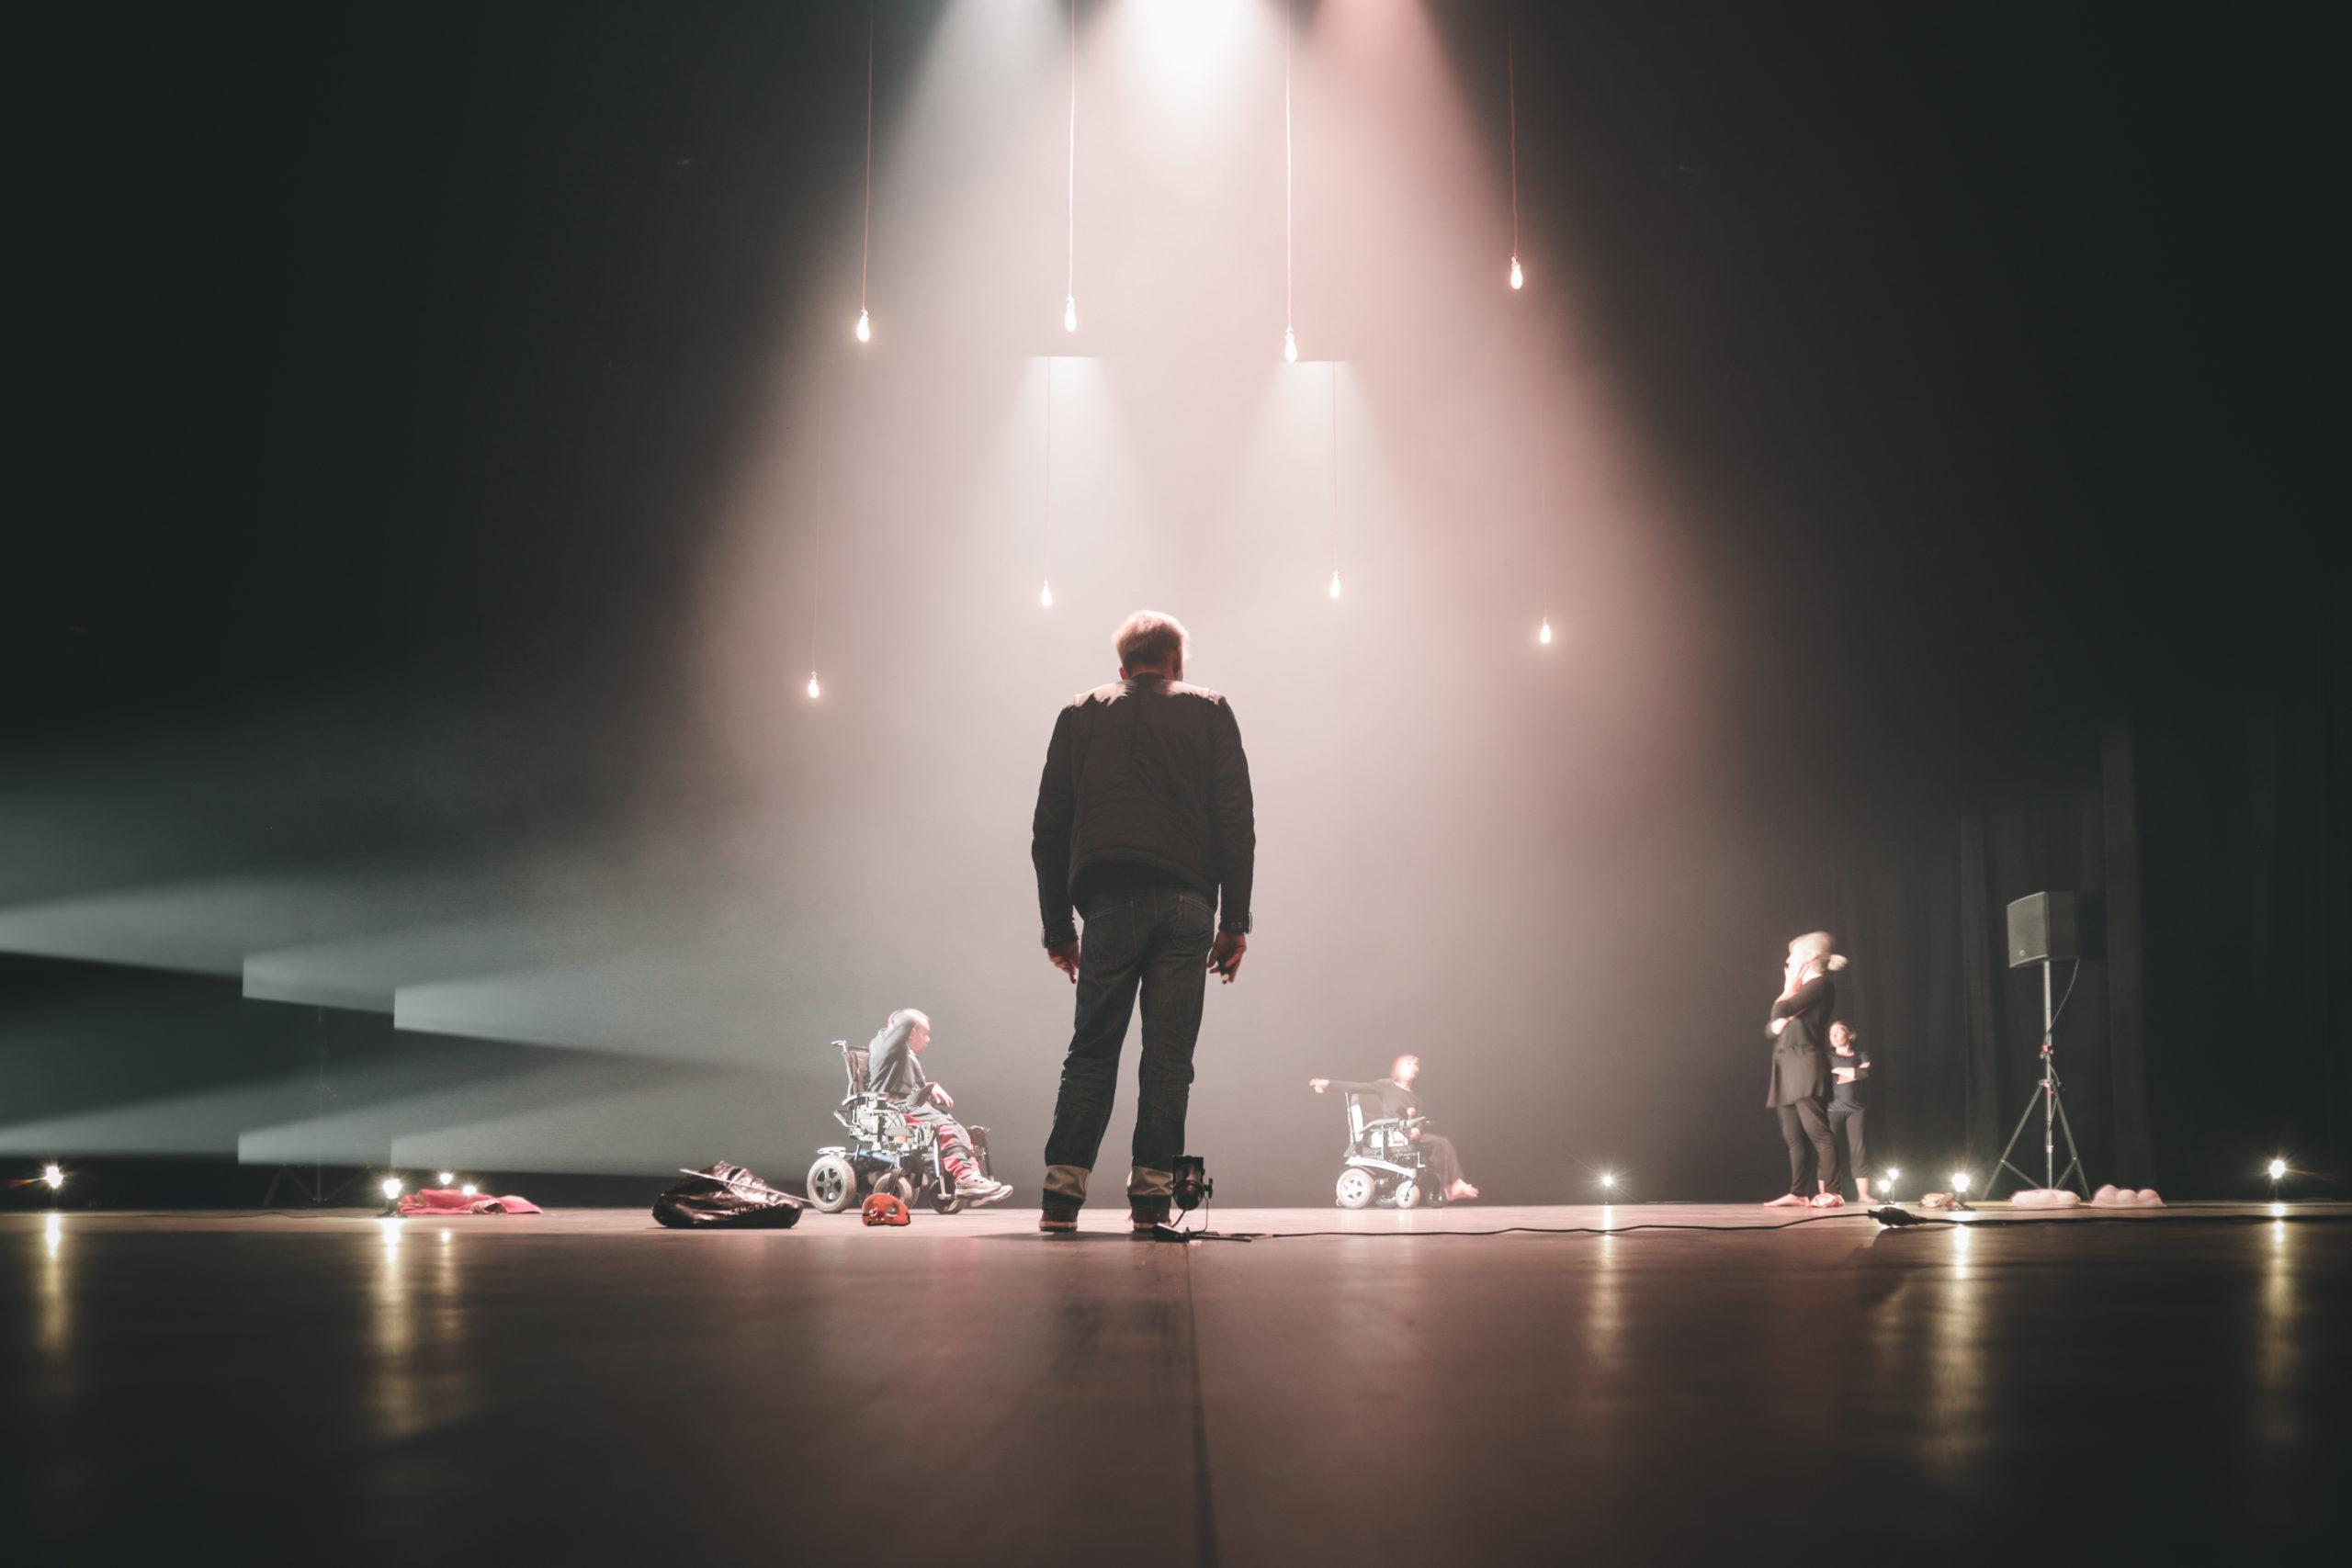 Pascal croce dans la lumière sur scène en répétition